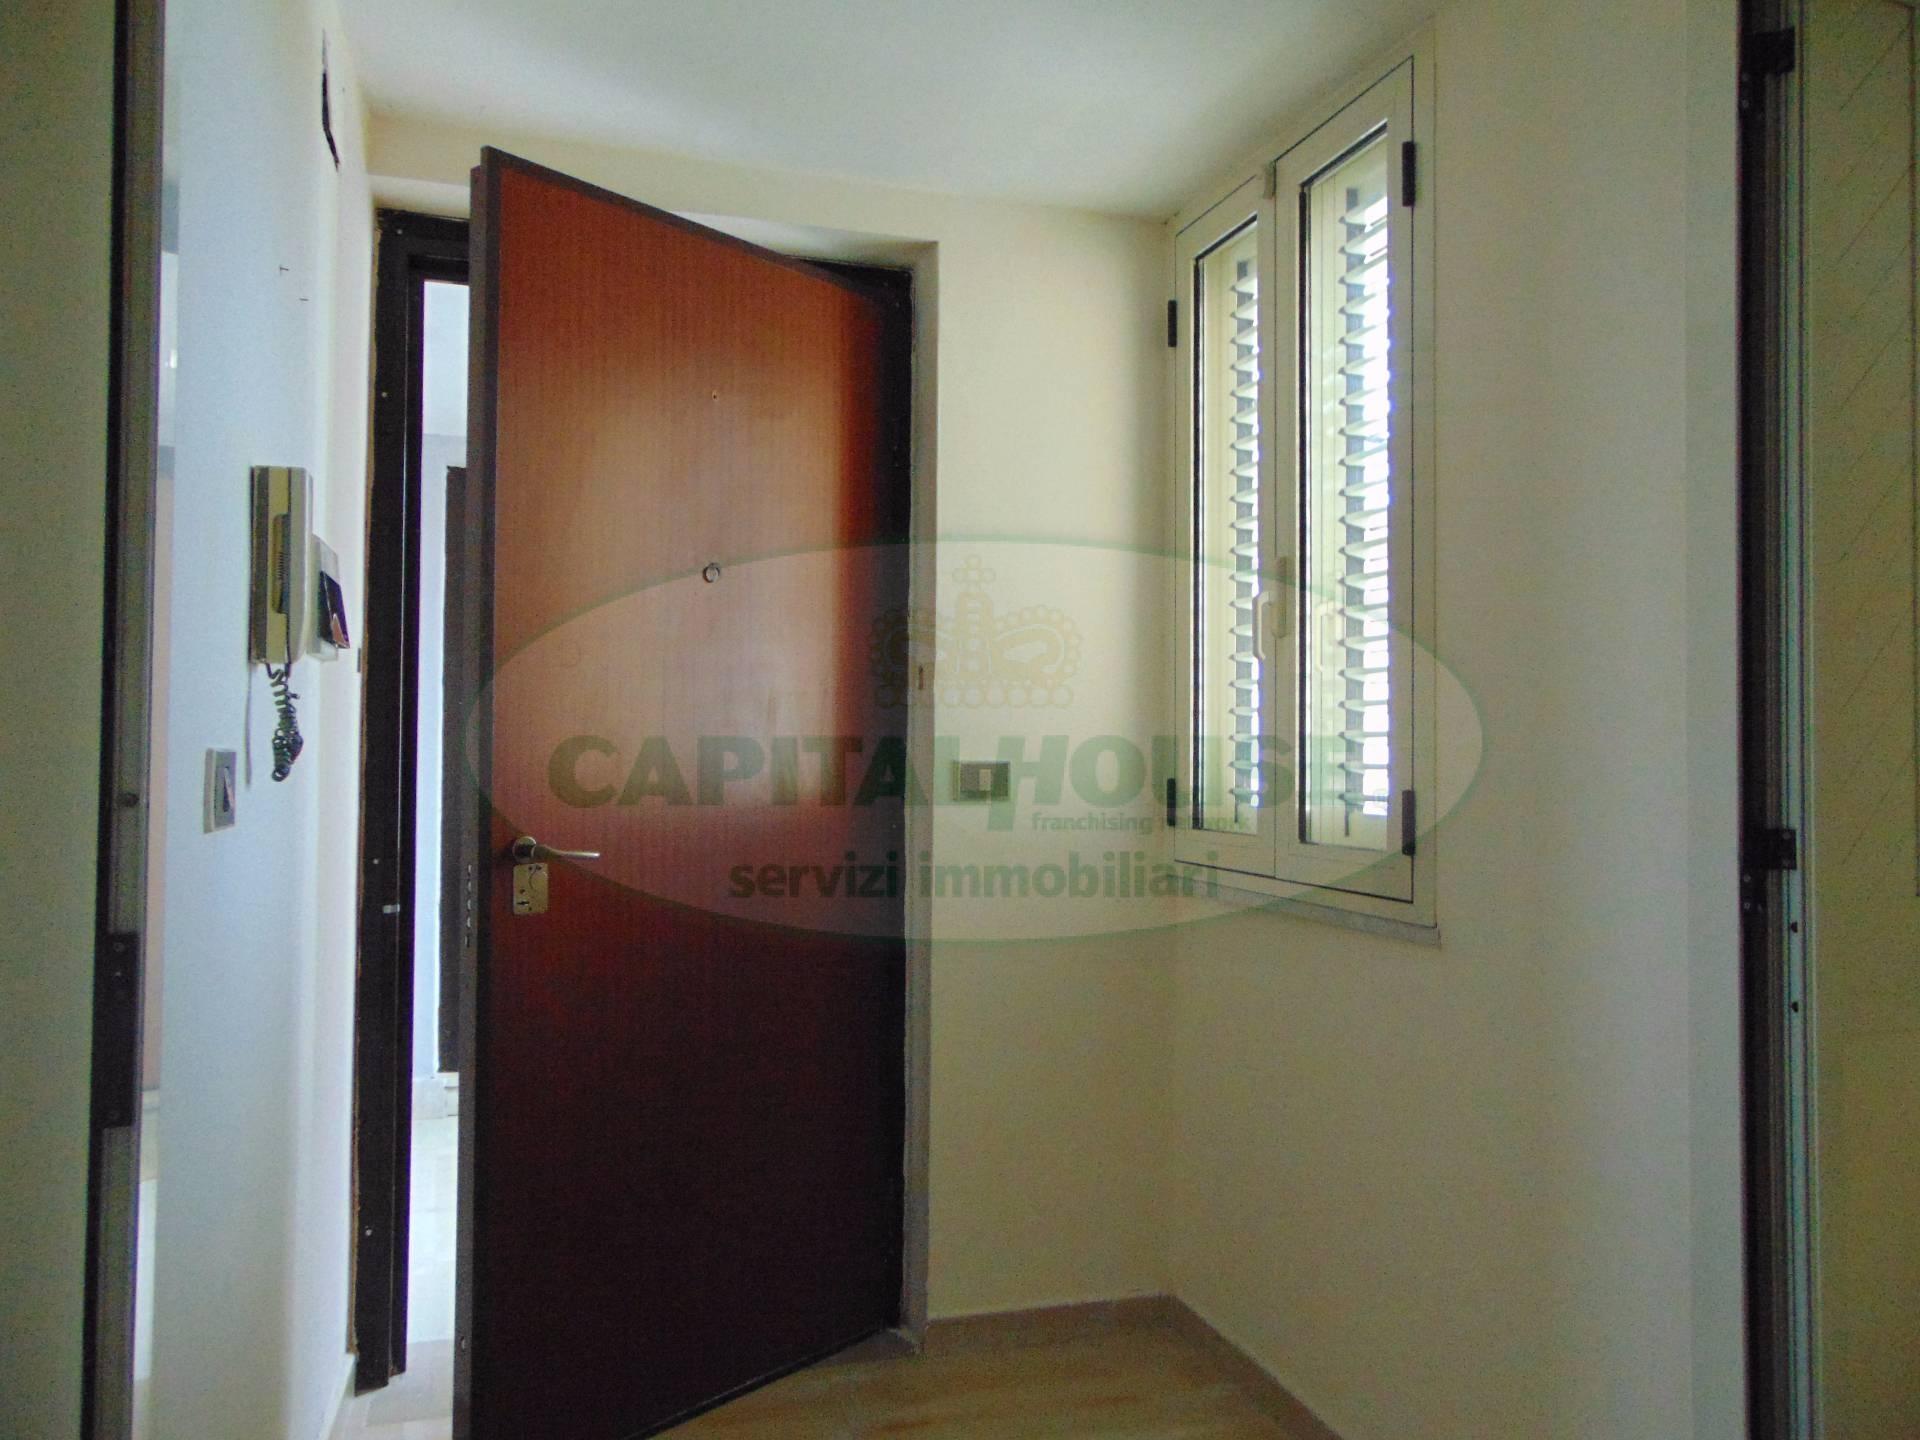 Attico / Mansarda in affitto a San Tammaro, 3 locali, prezzo € 360 | CambioCasa.it